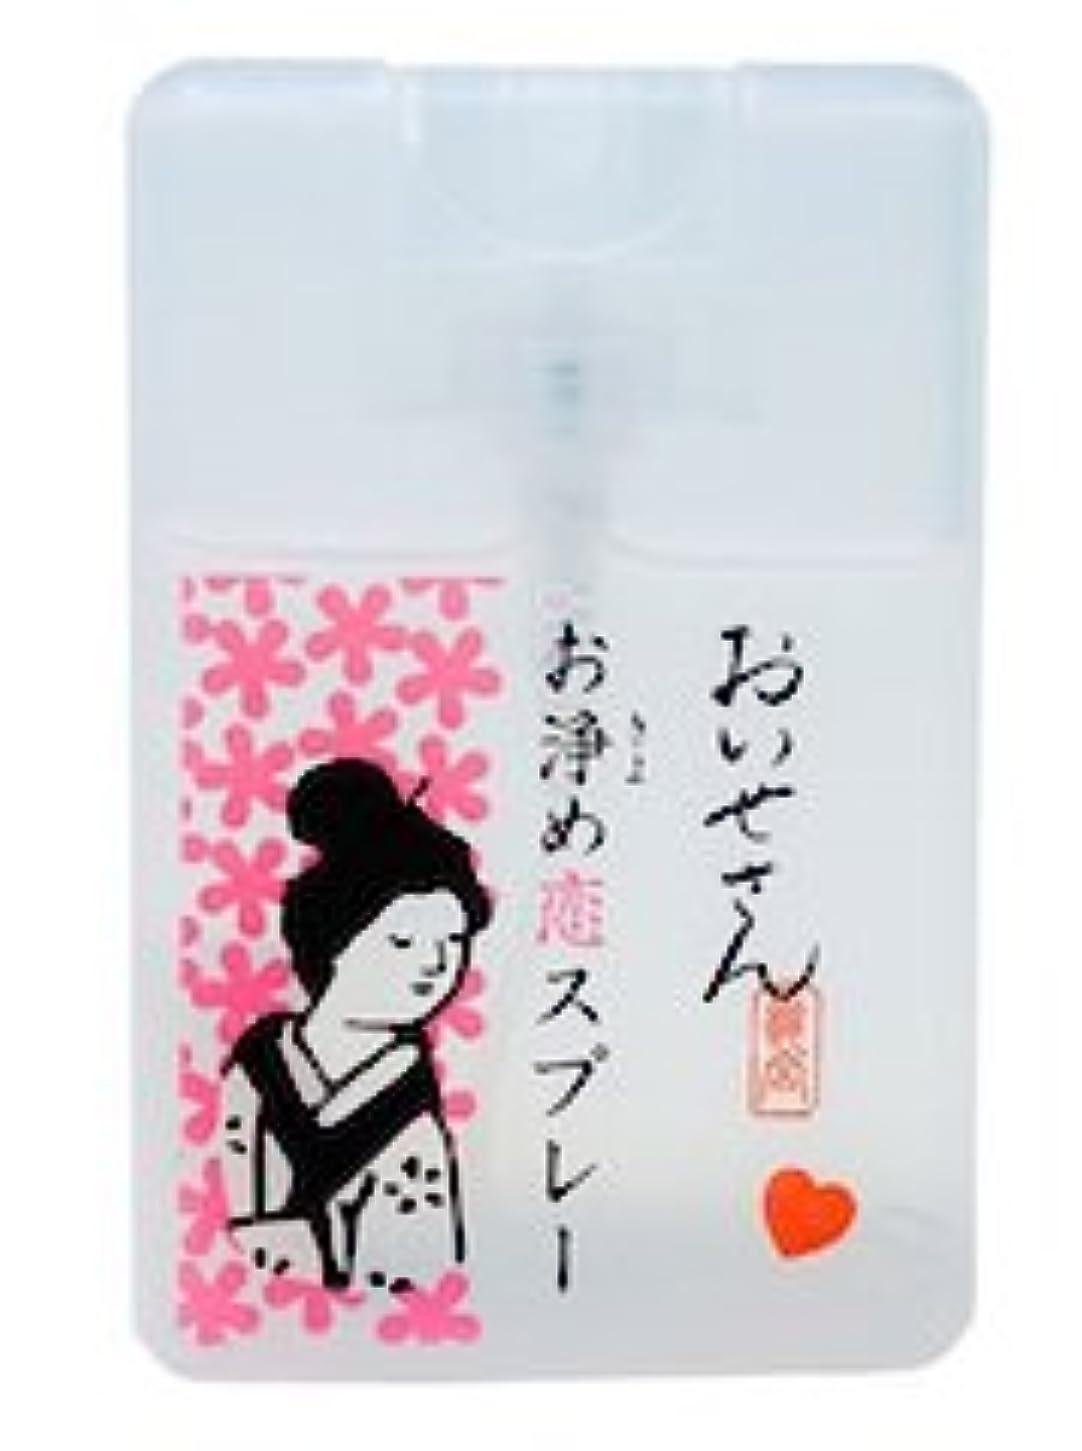 第九入力集まる【おいせさん】恋スプレー/フレグランススプレー